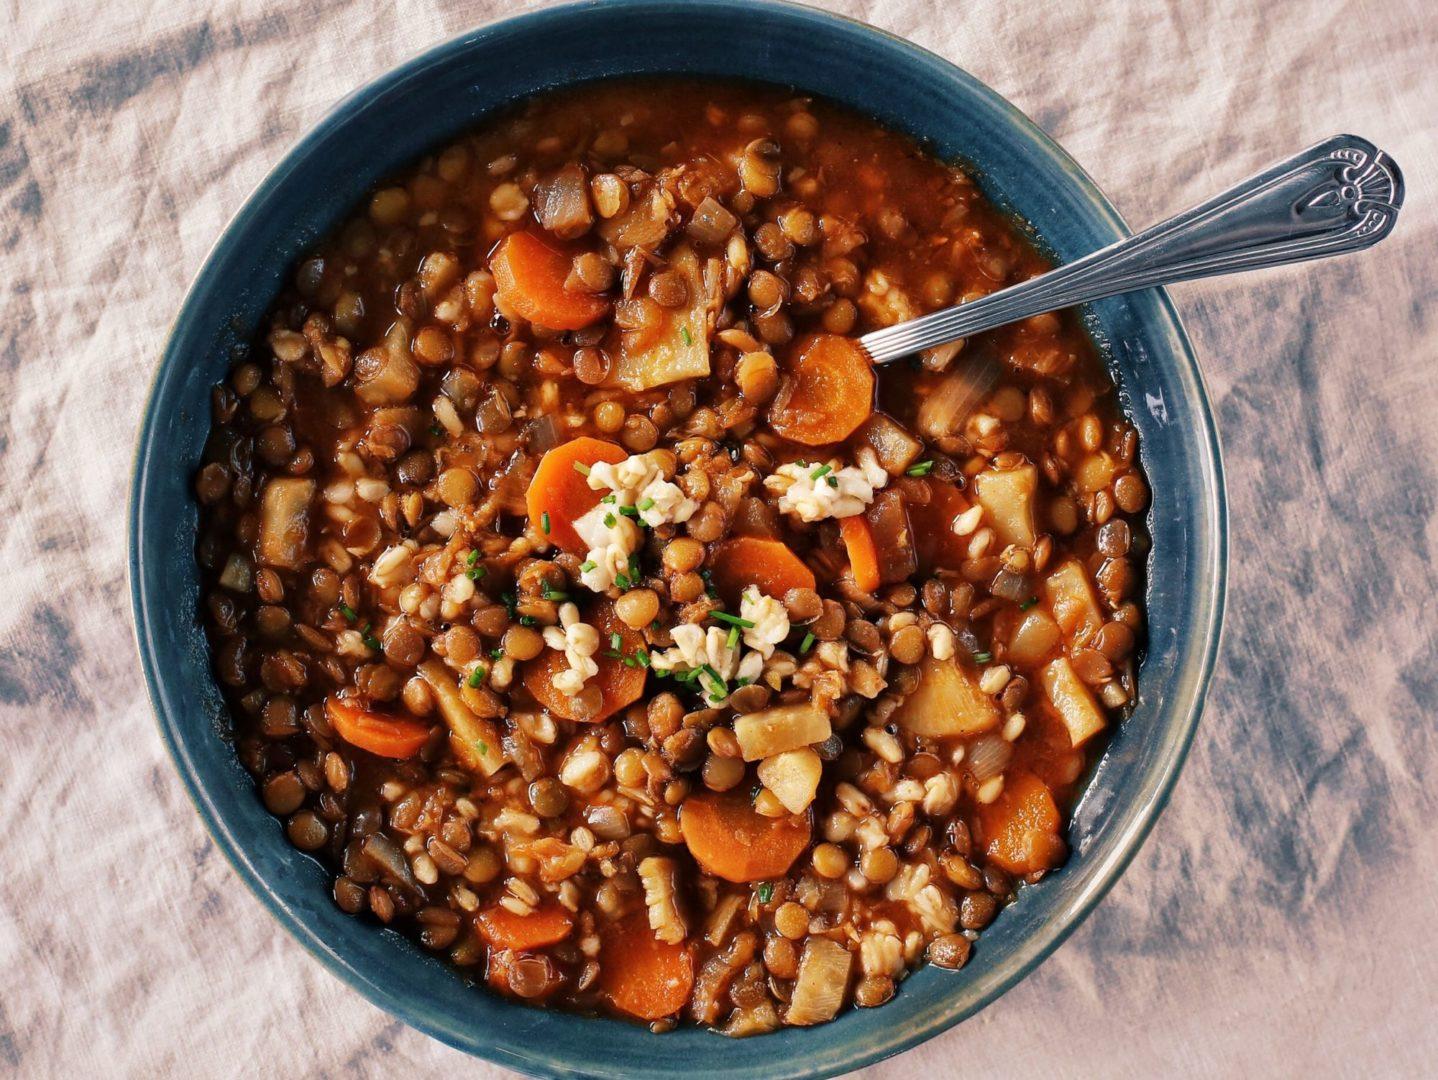 Výživná aneodolateľne dobrá šošovicová polievka